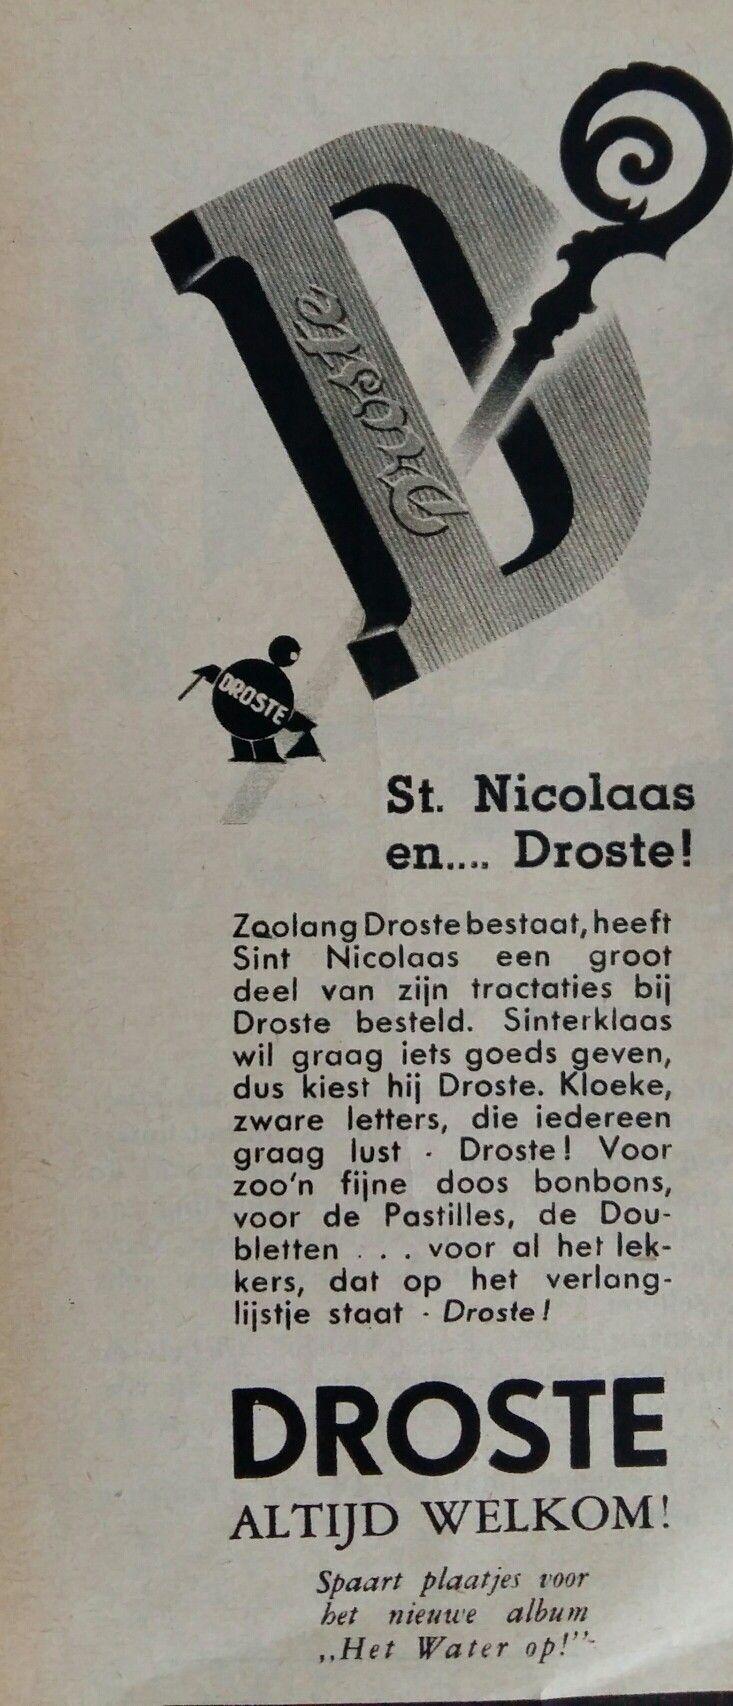 DROSTE Sinterklaas advertentie